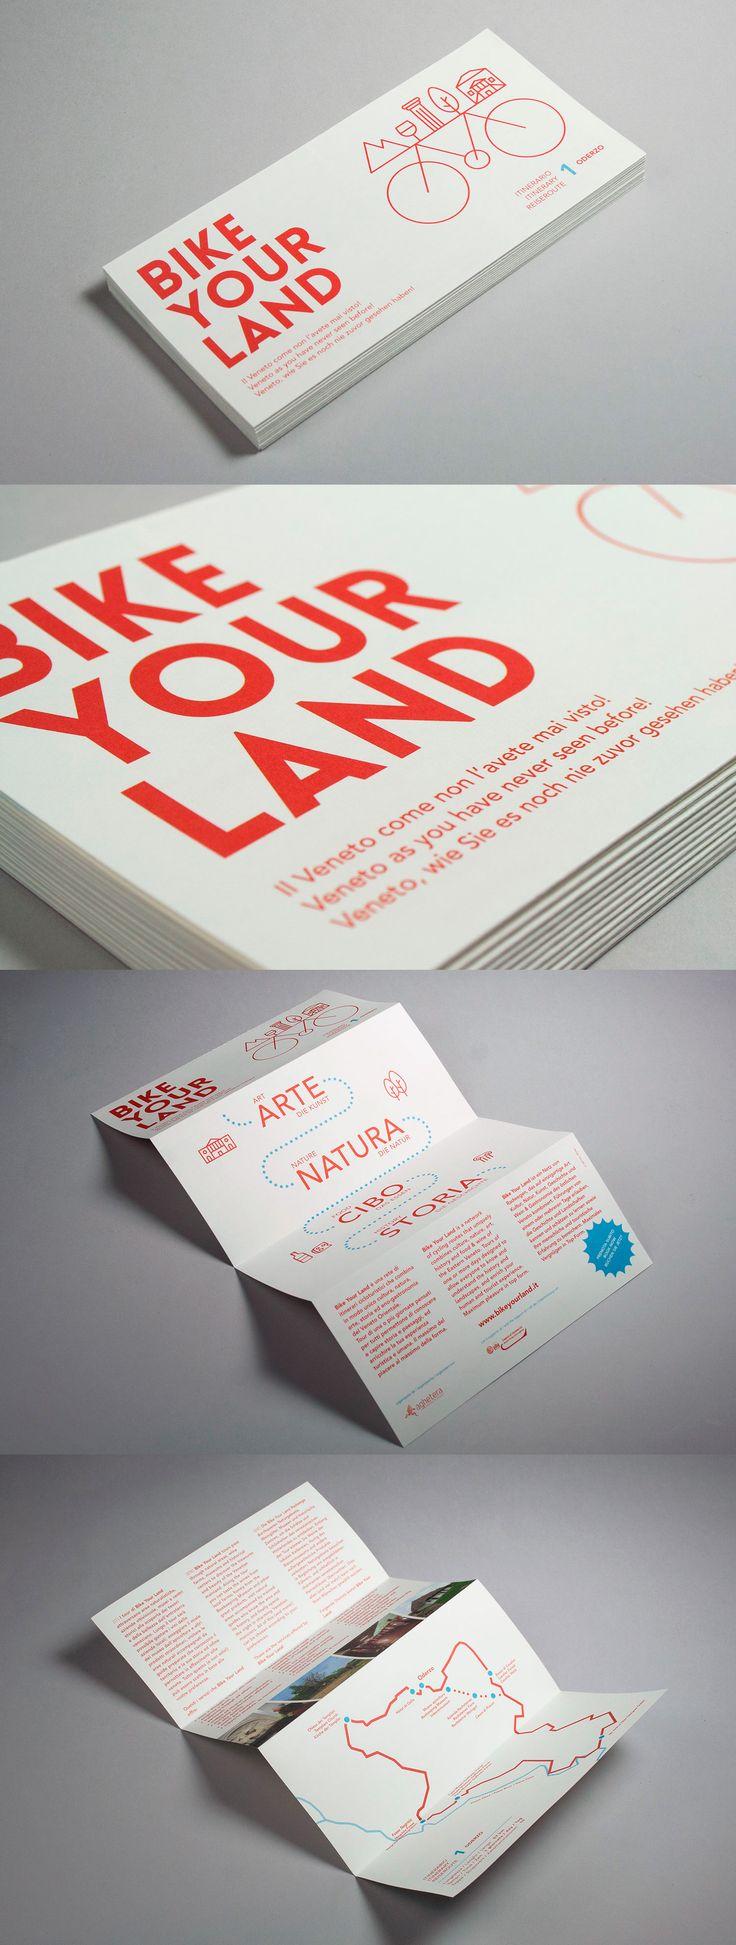 Bike Your Land, leaflet — hstudio